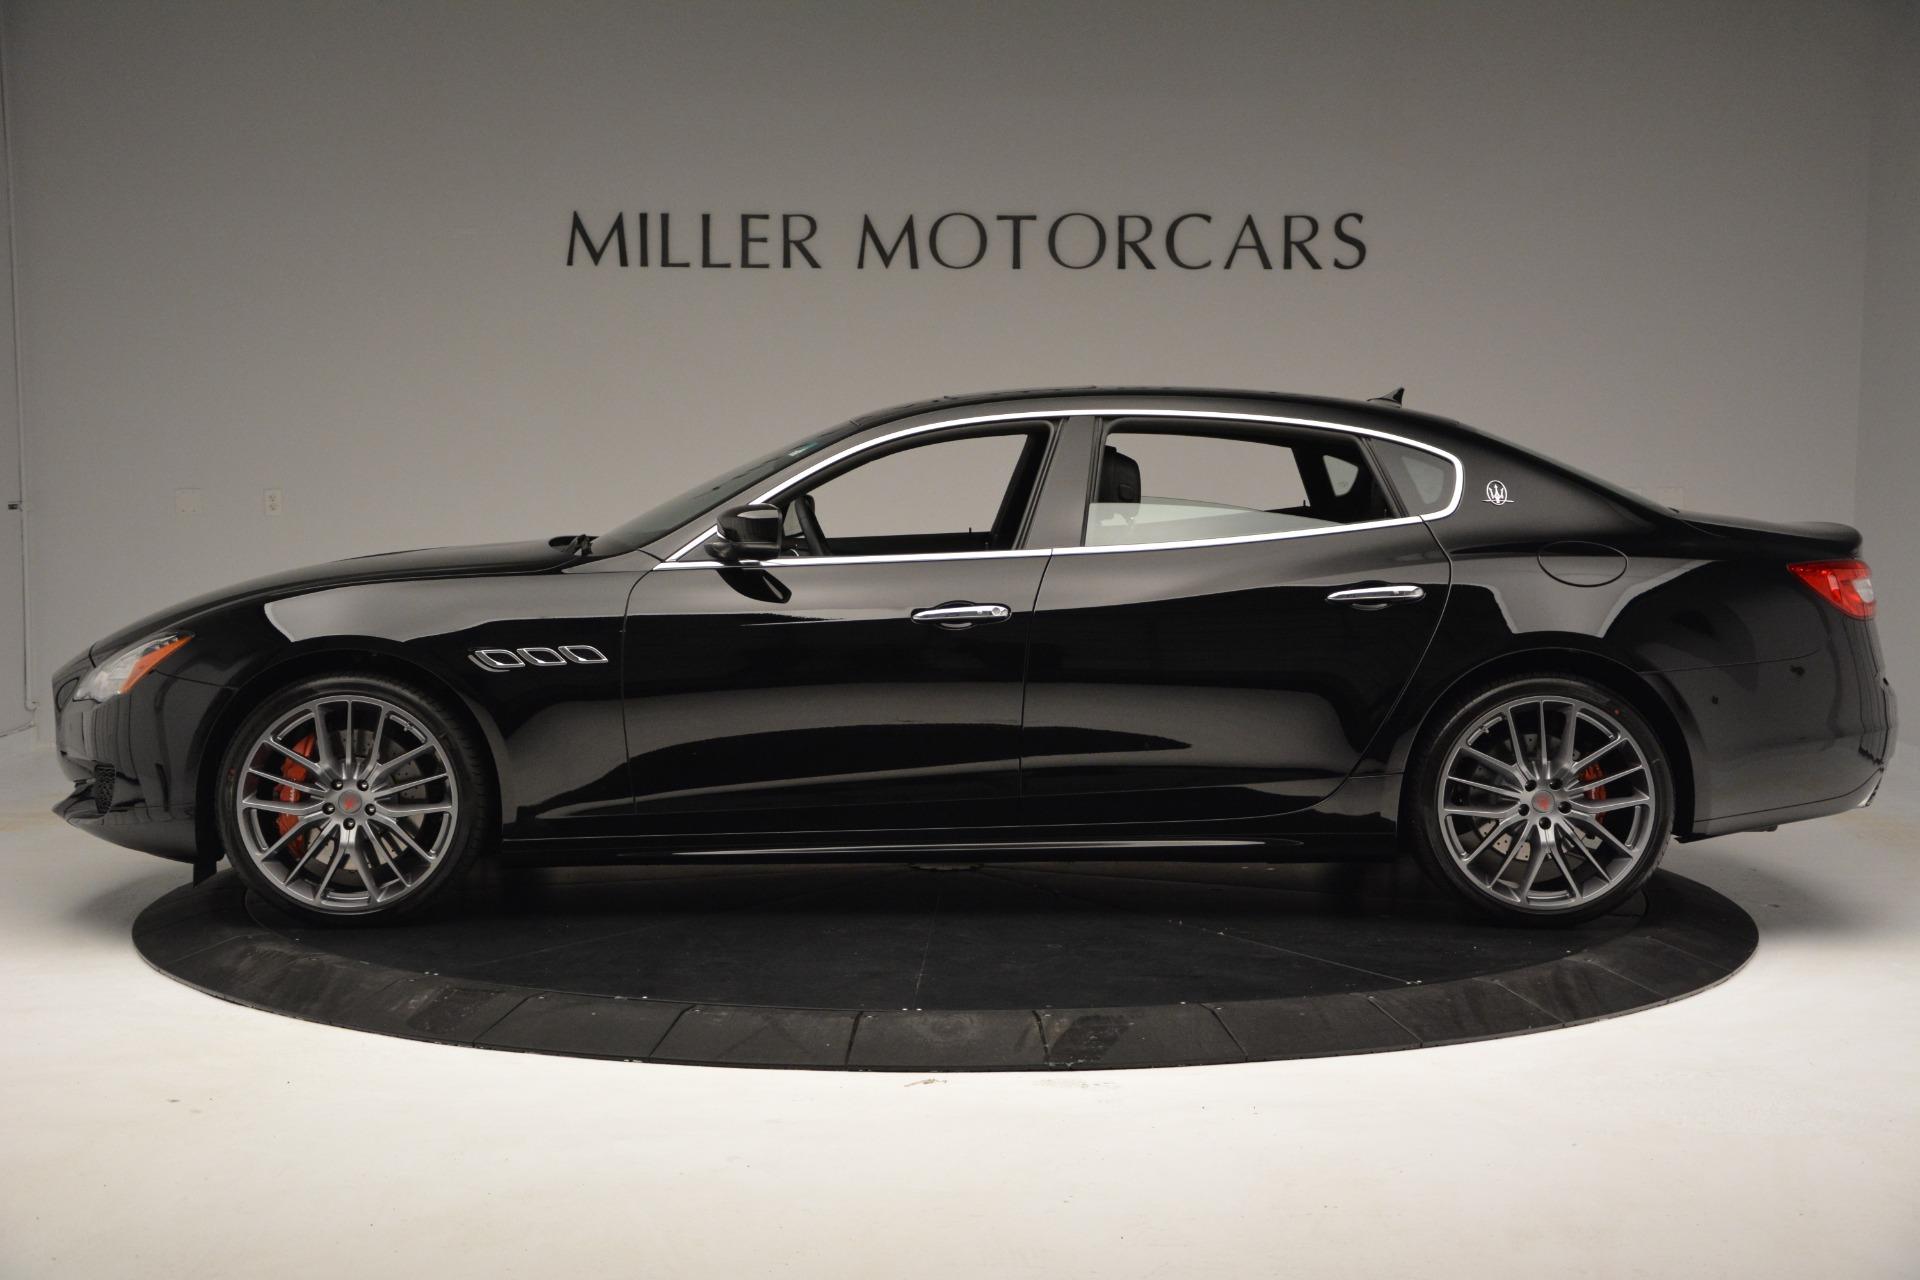 Used 2015 Maserati Quattroporte GTS For Sale In Greenwich, CT. Alfa Romeo of Greenwich, R482A 2993_p3